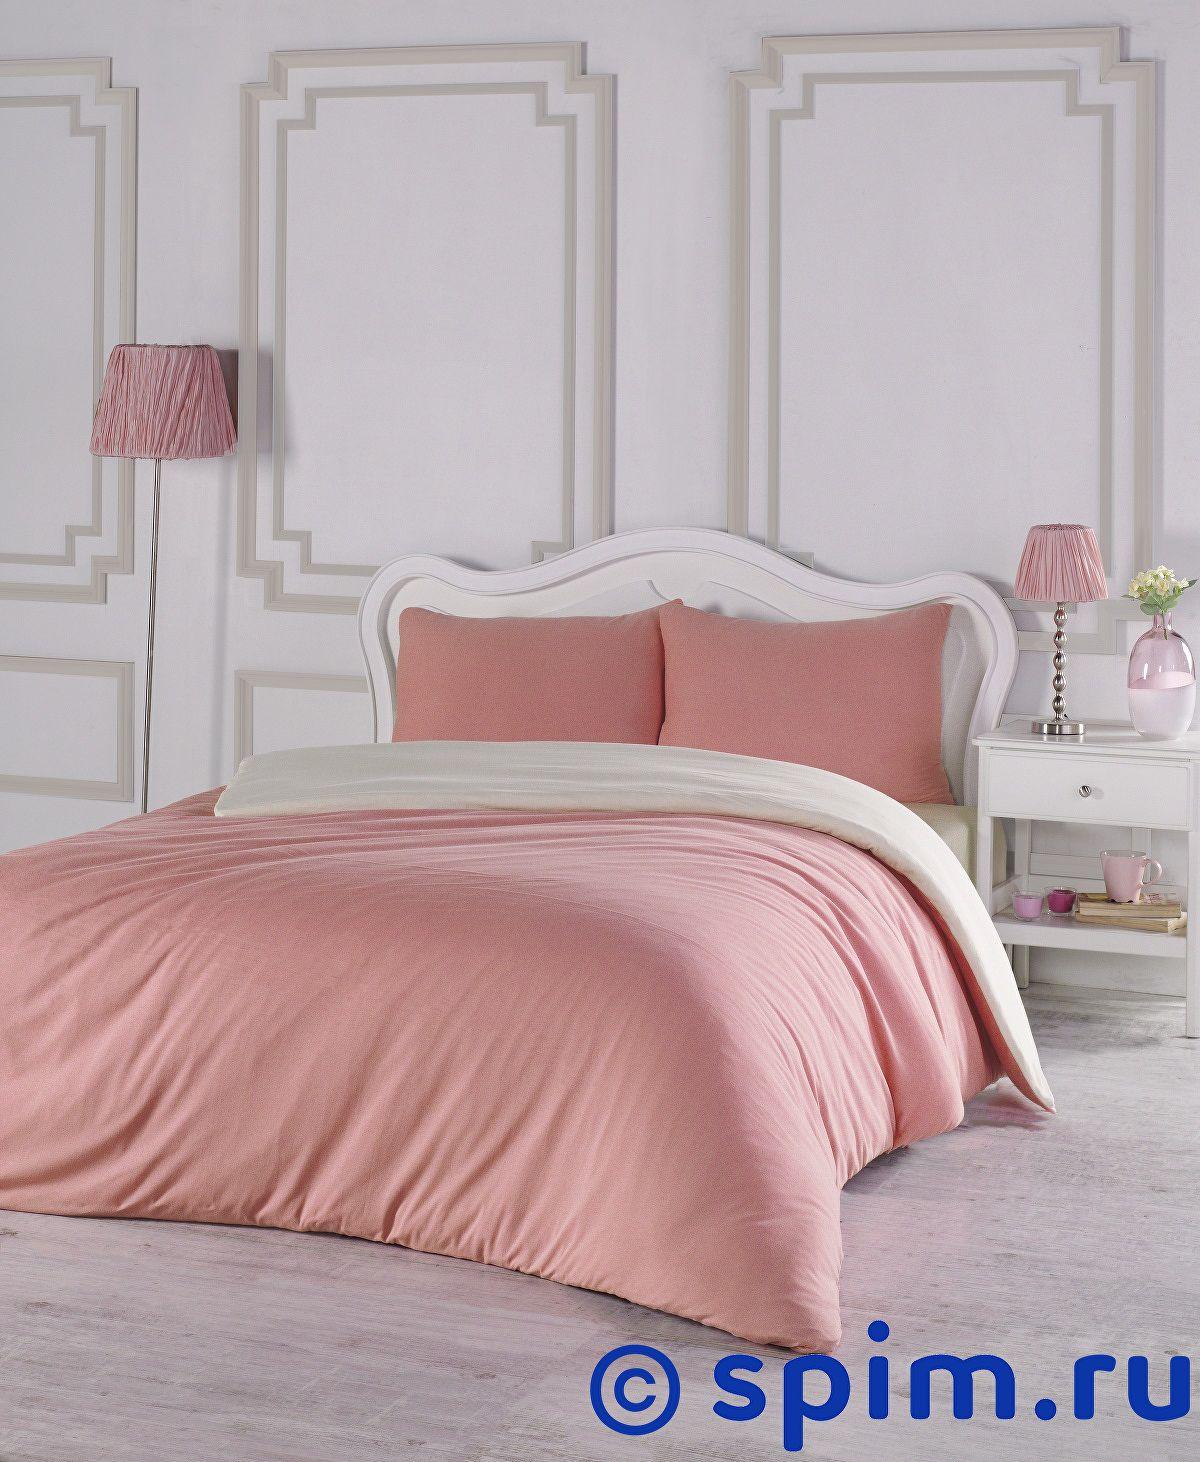 Купить Постельное белье Karna Sofa коралловый-кремовый Евро-стандарт